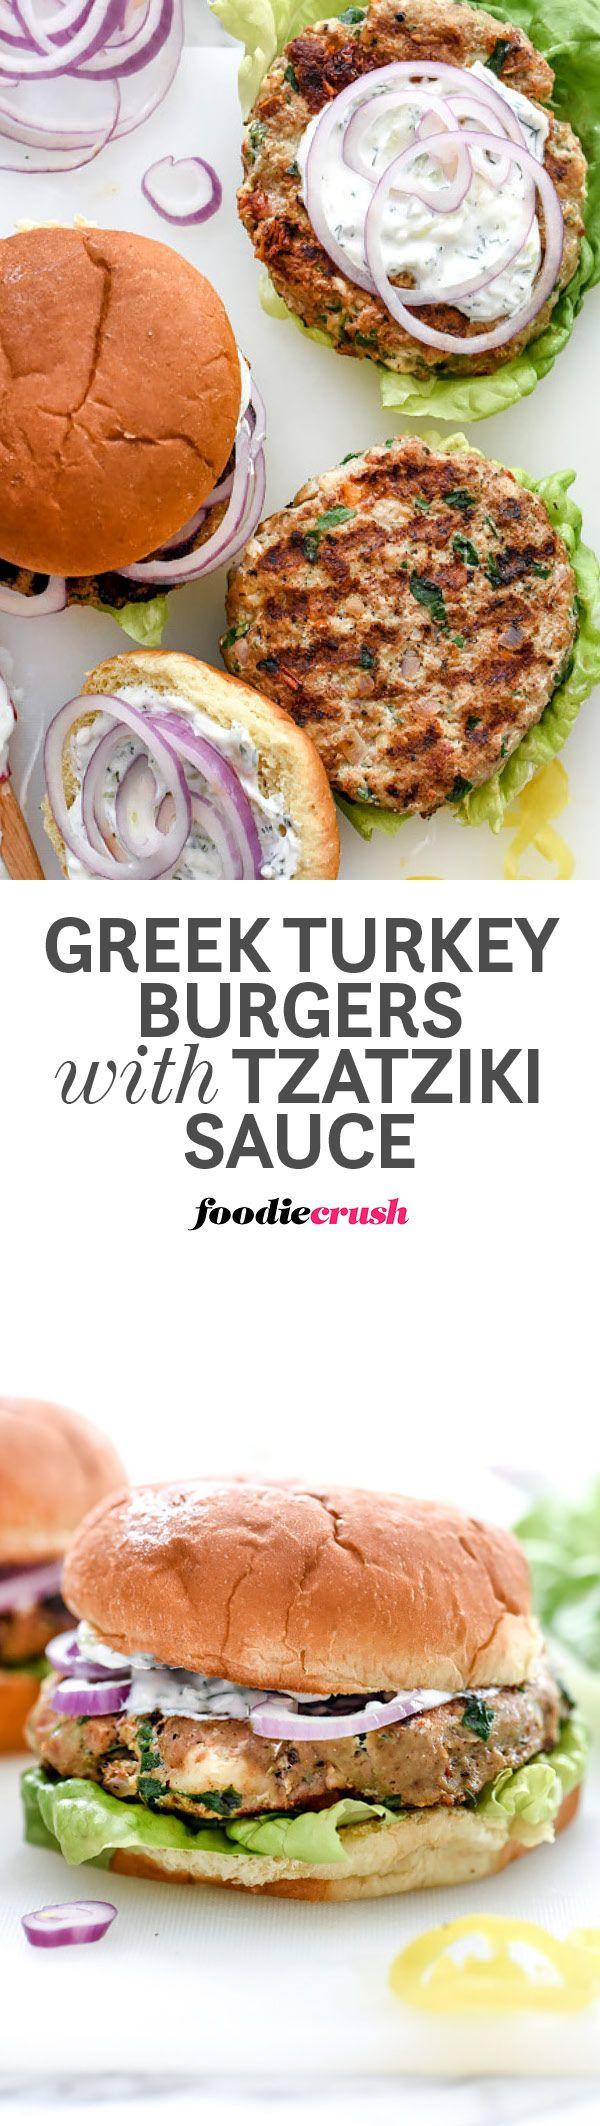 Tzatziki Sauce Kroger  Best 25 Tzatziki sauce ideas on Pinterest